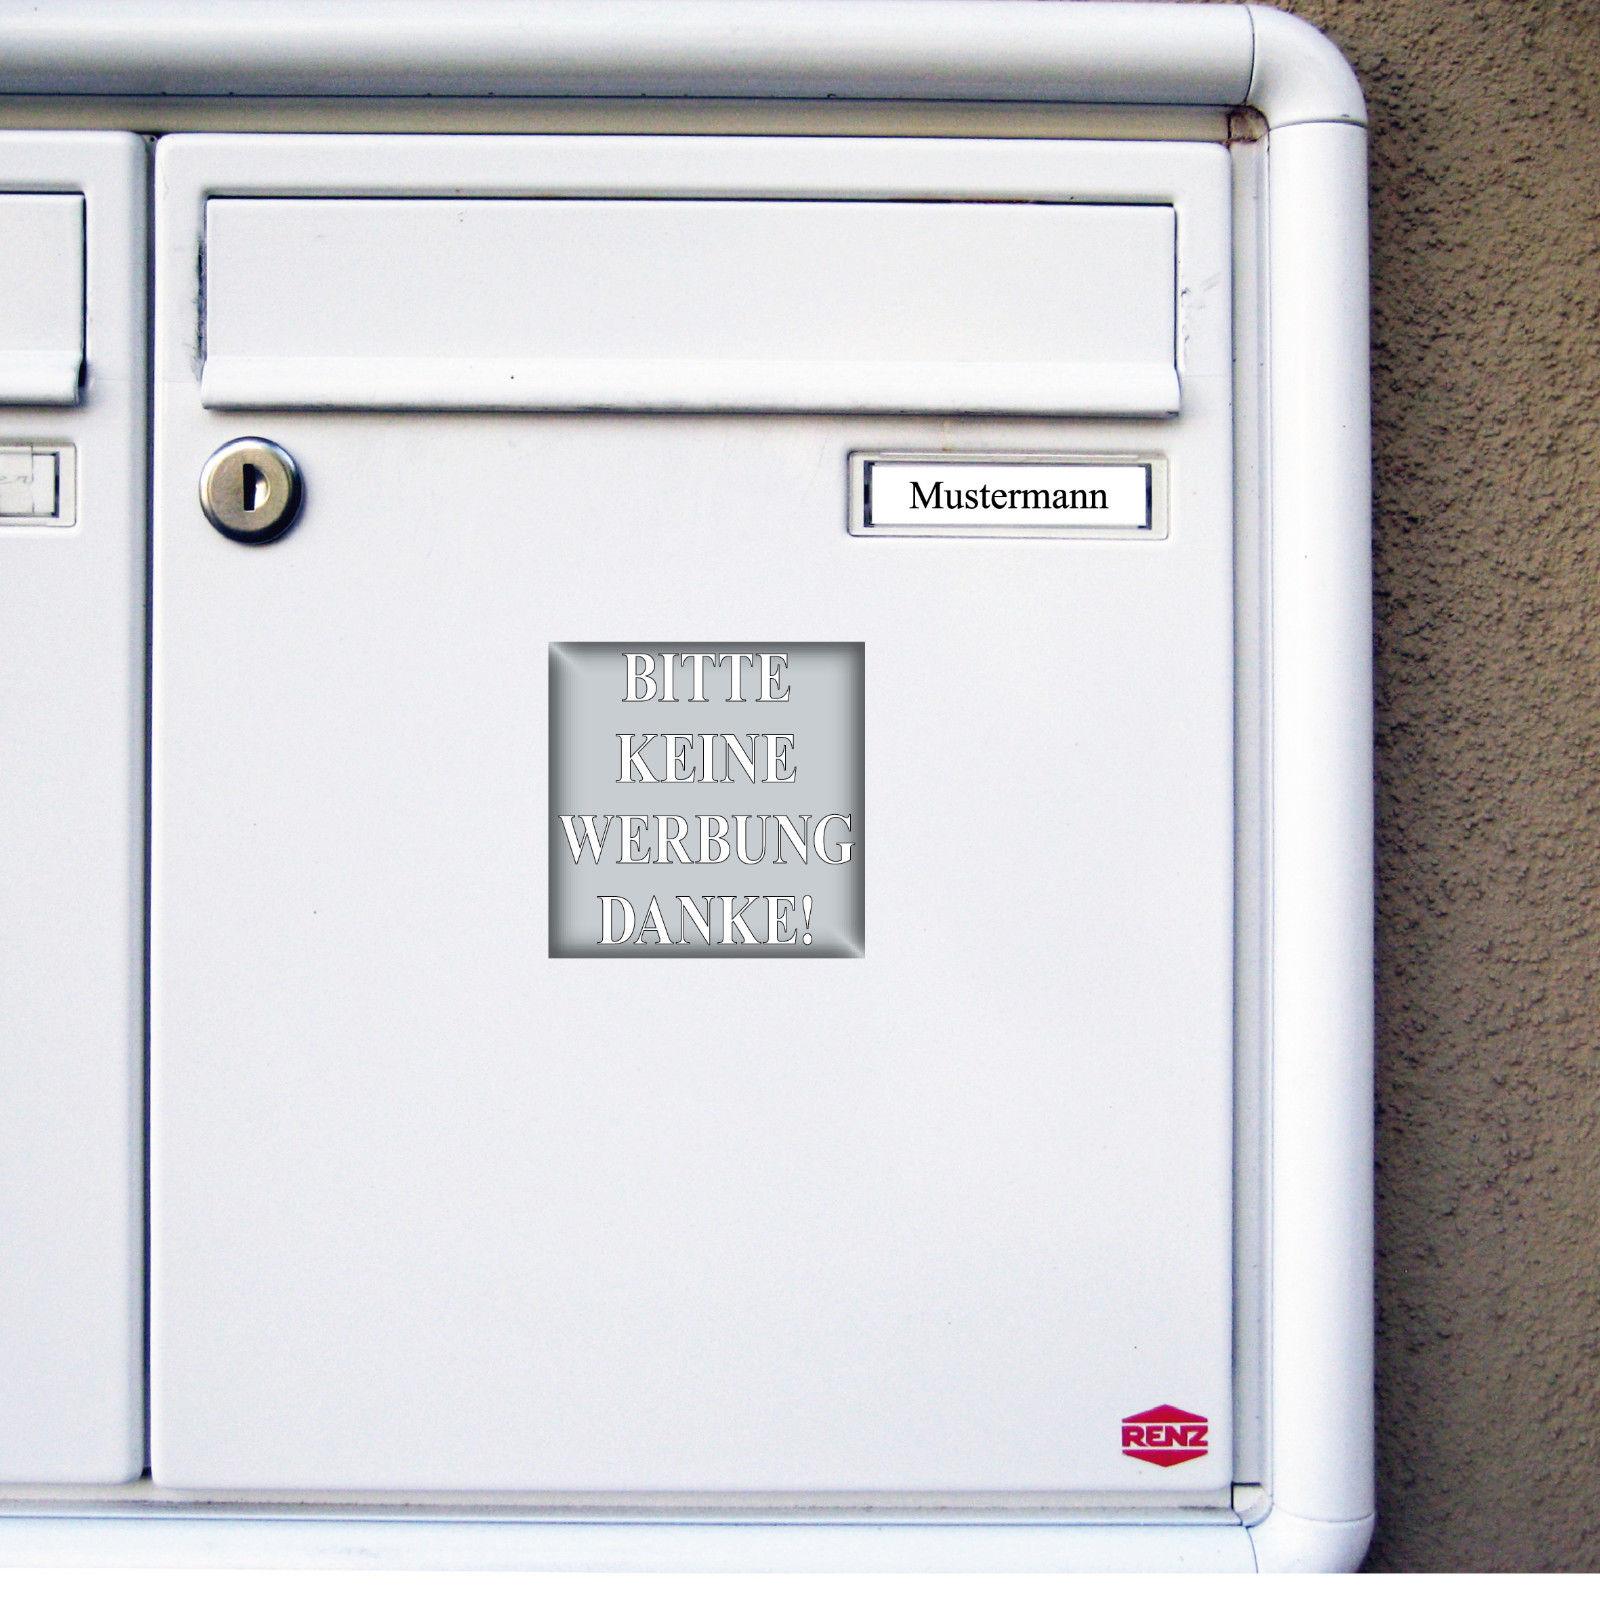 20 Aufkleber 5cm Silber Sticker Bitte Keine Werbung Danke Einwerfen Briefkasten